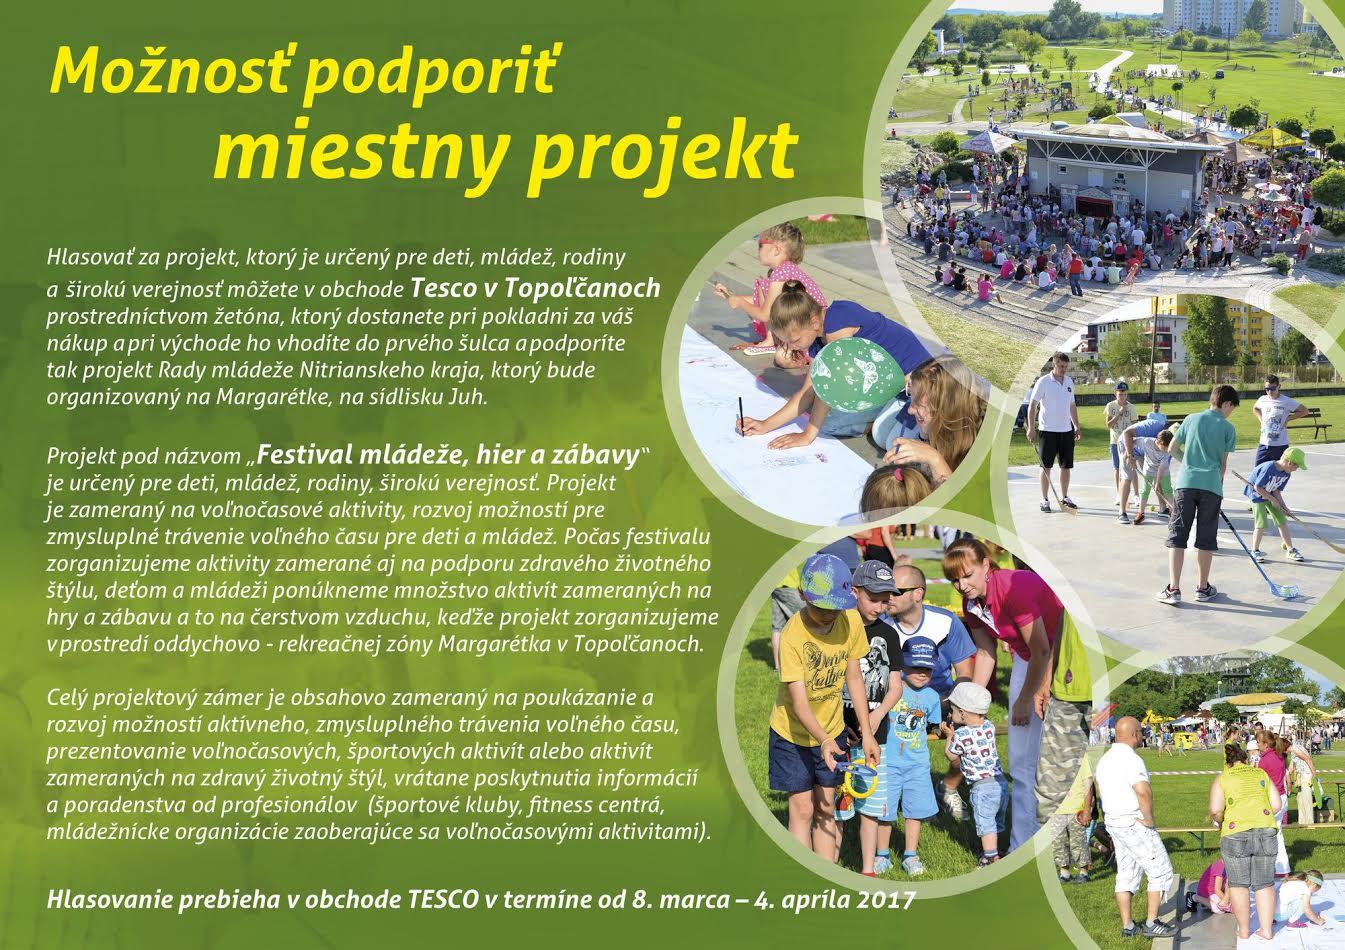 64173a1486 Možnosť podporiť miestny projekt - Šport a relax